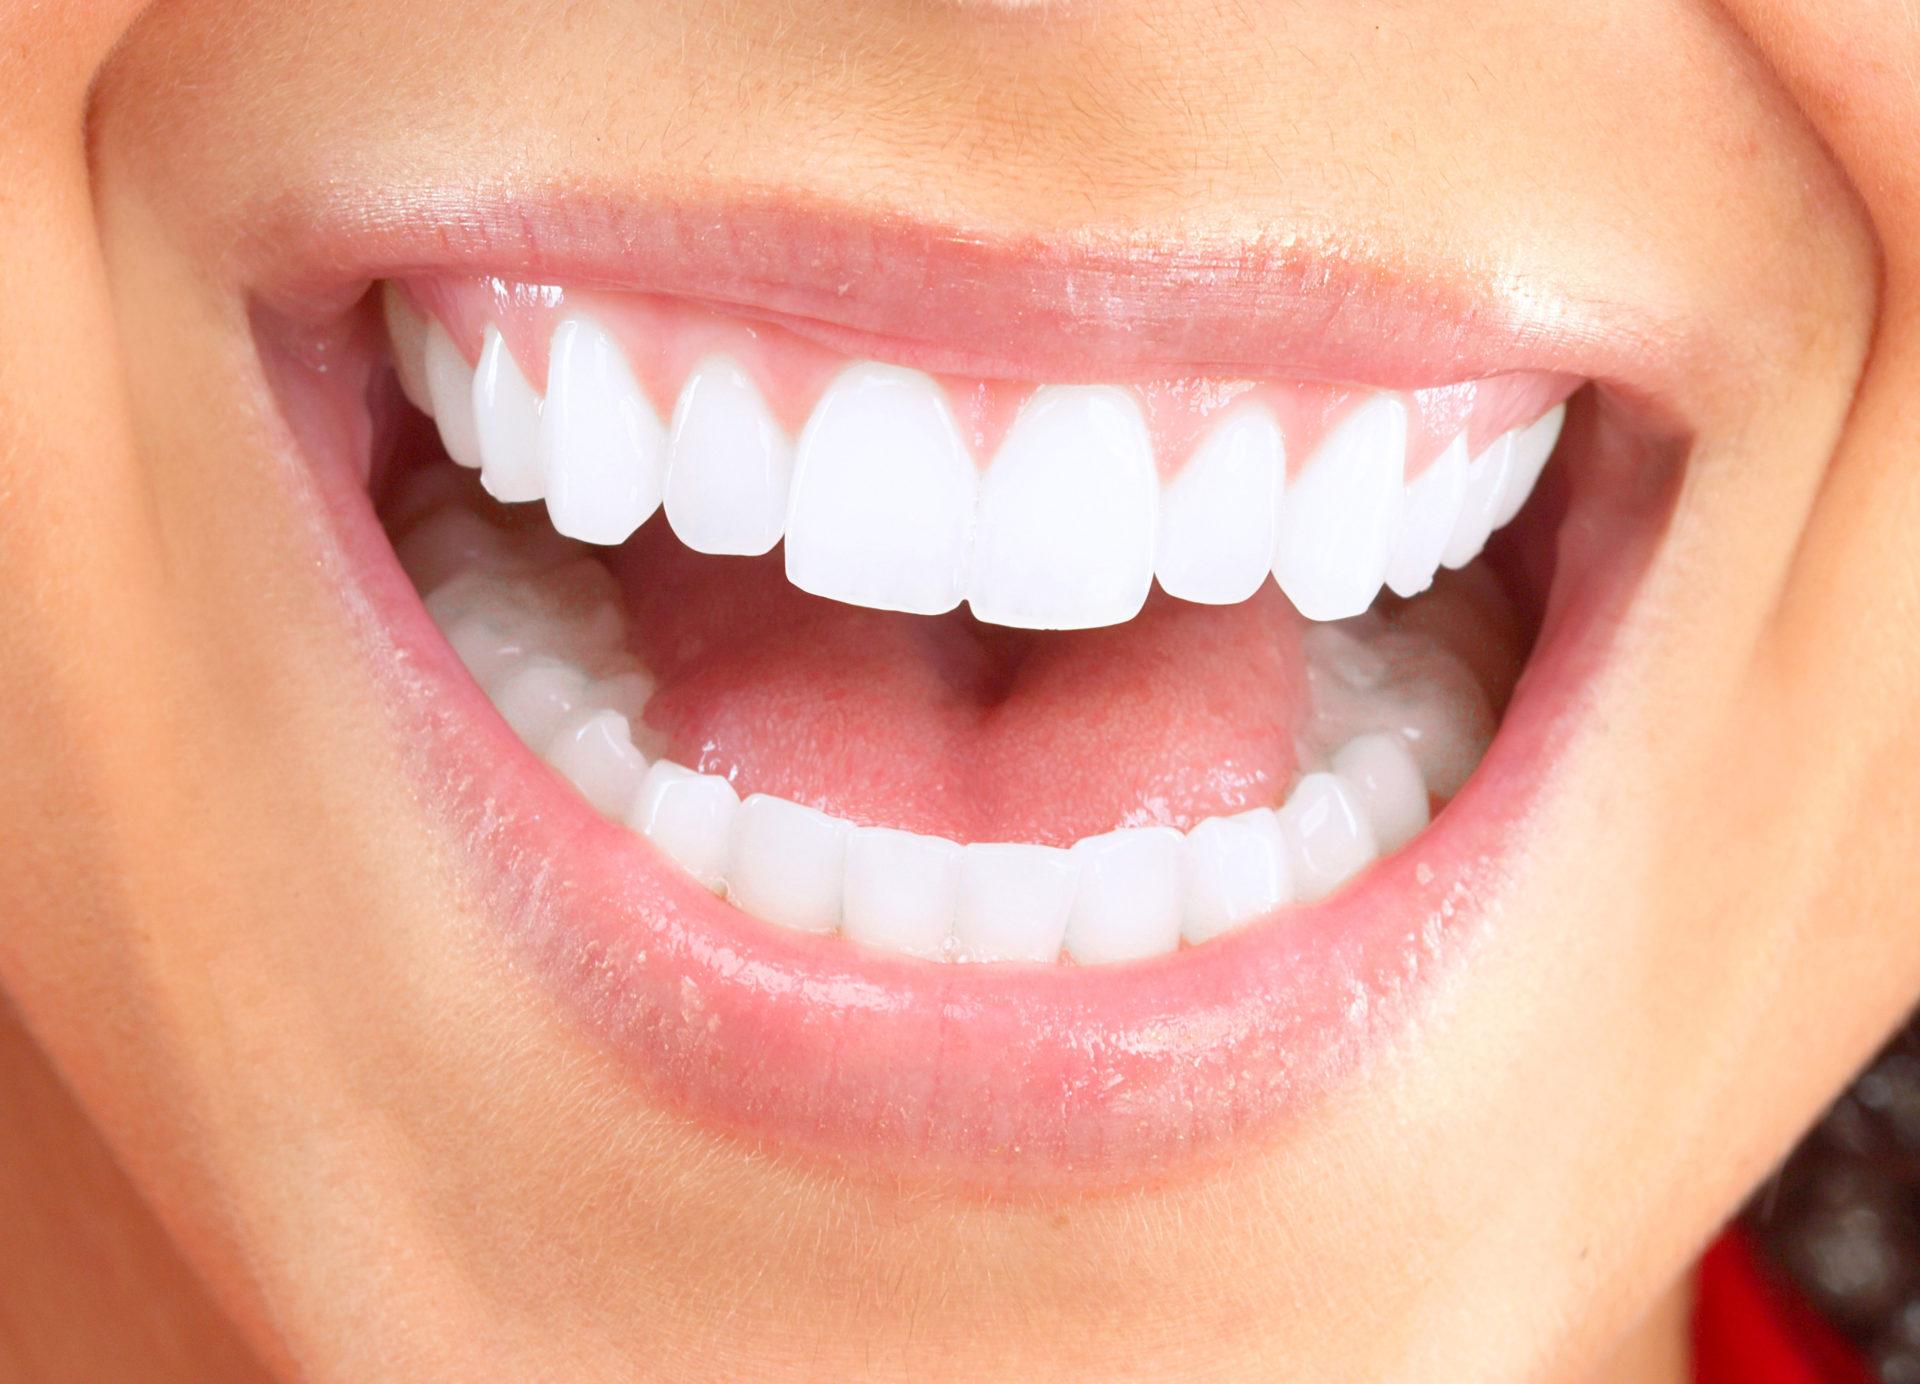 ¿Aún tienes dudas sobre los implantes dentales? ¡Nosotros te las despejamos!